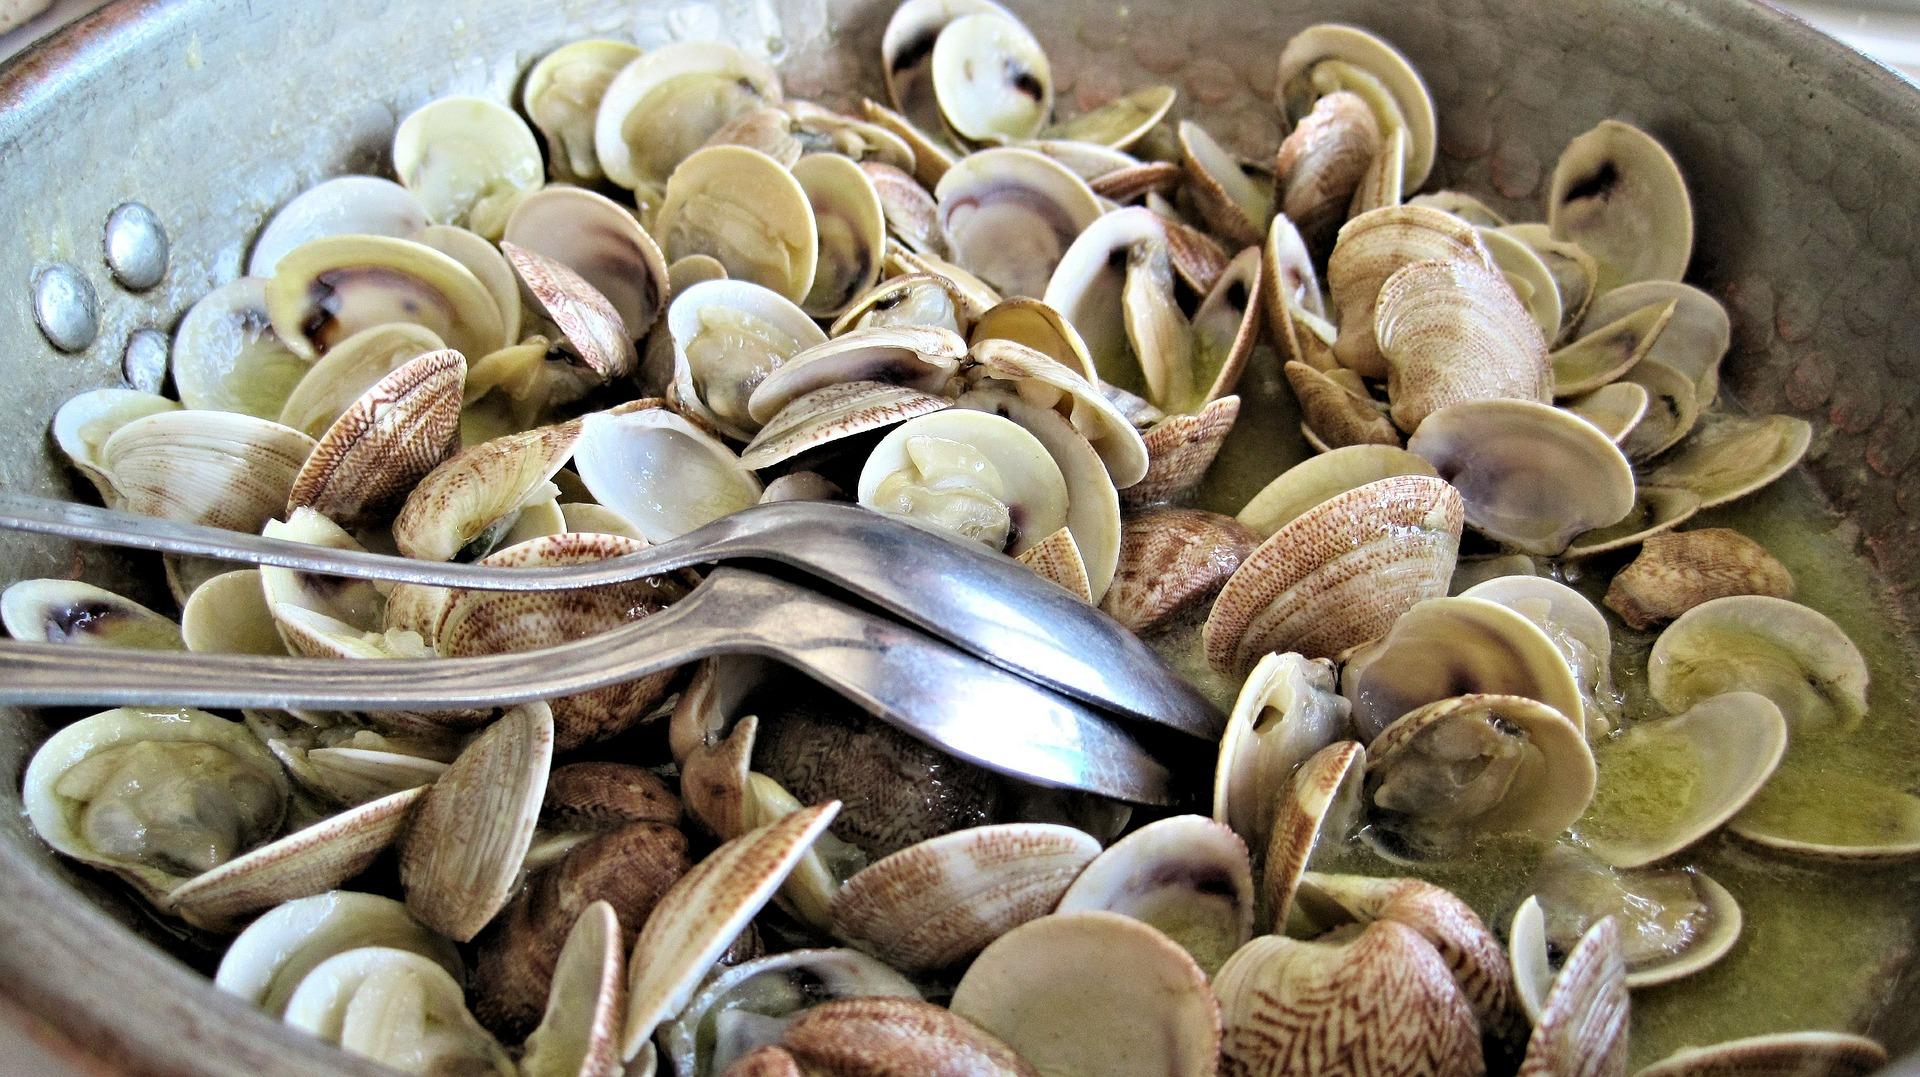 steamed-clams-603110_1920.jpg